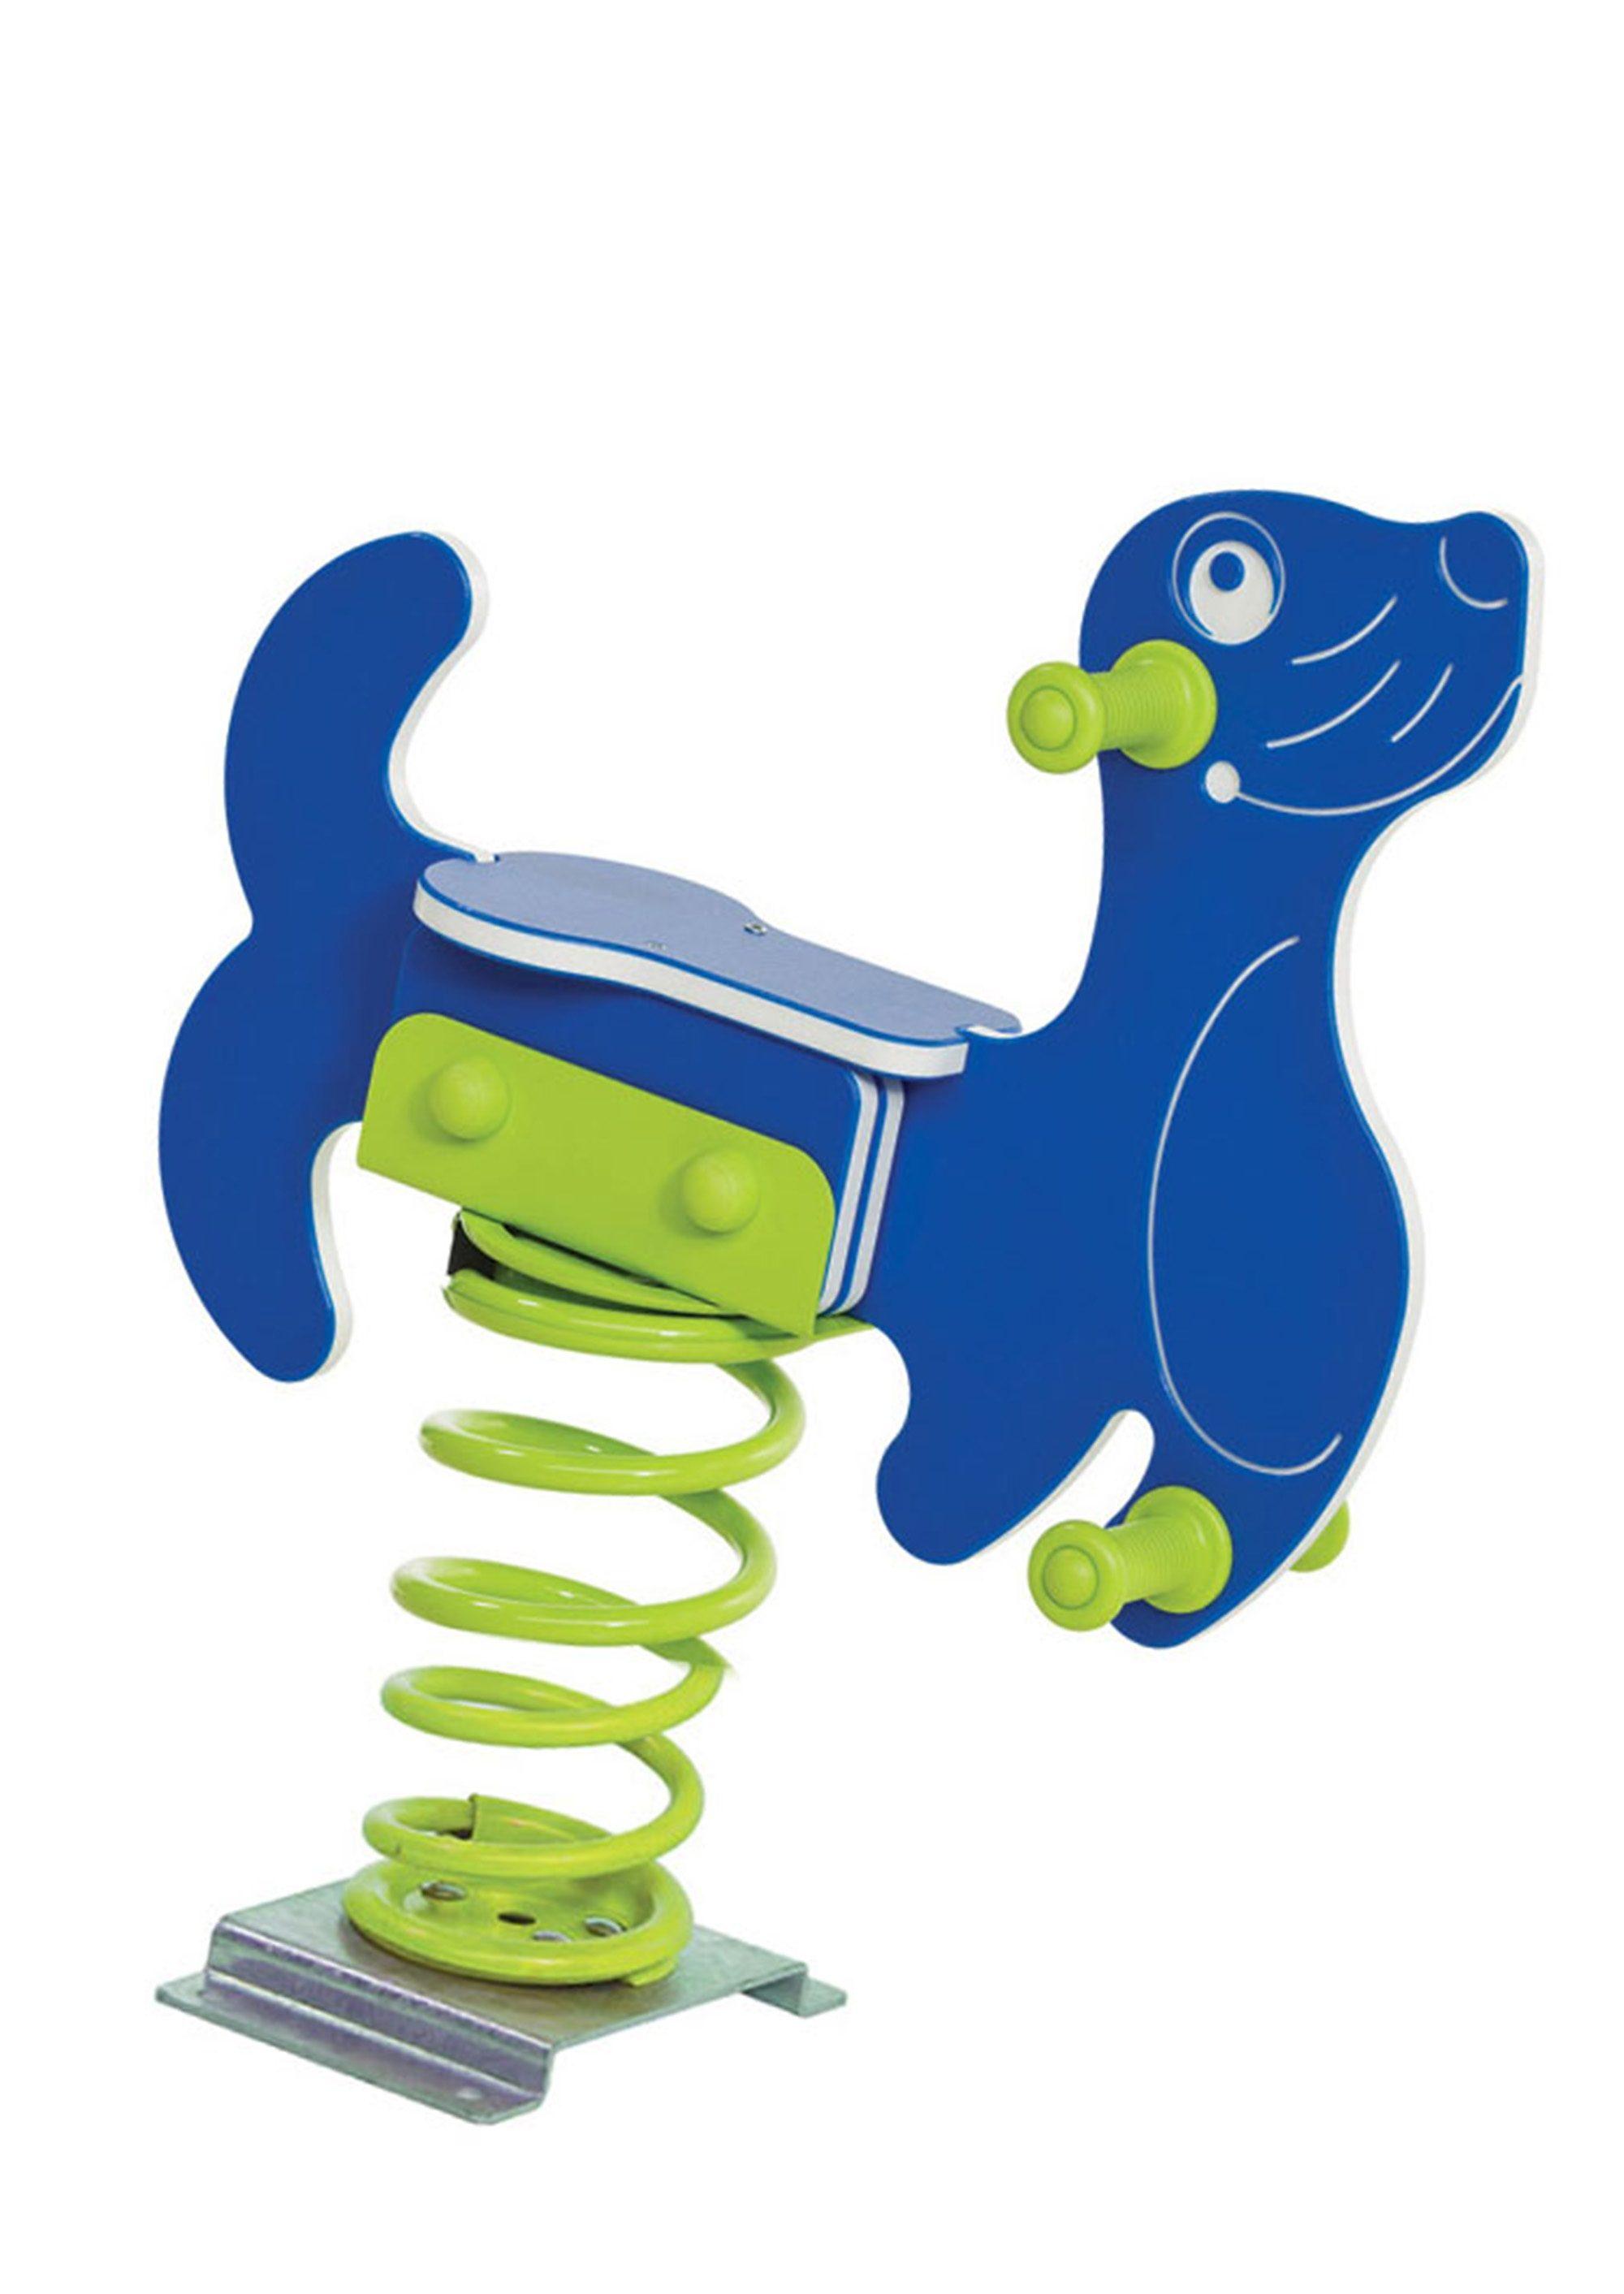 Woodinis-Spielplatz Federtier zum Aufdübeln, »Seehund Federwippe«